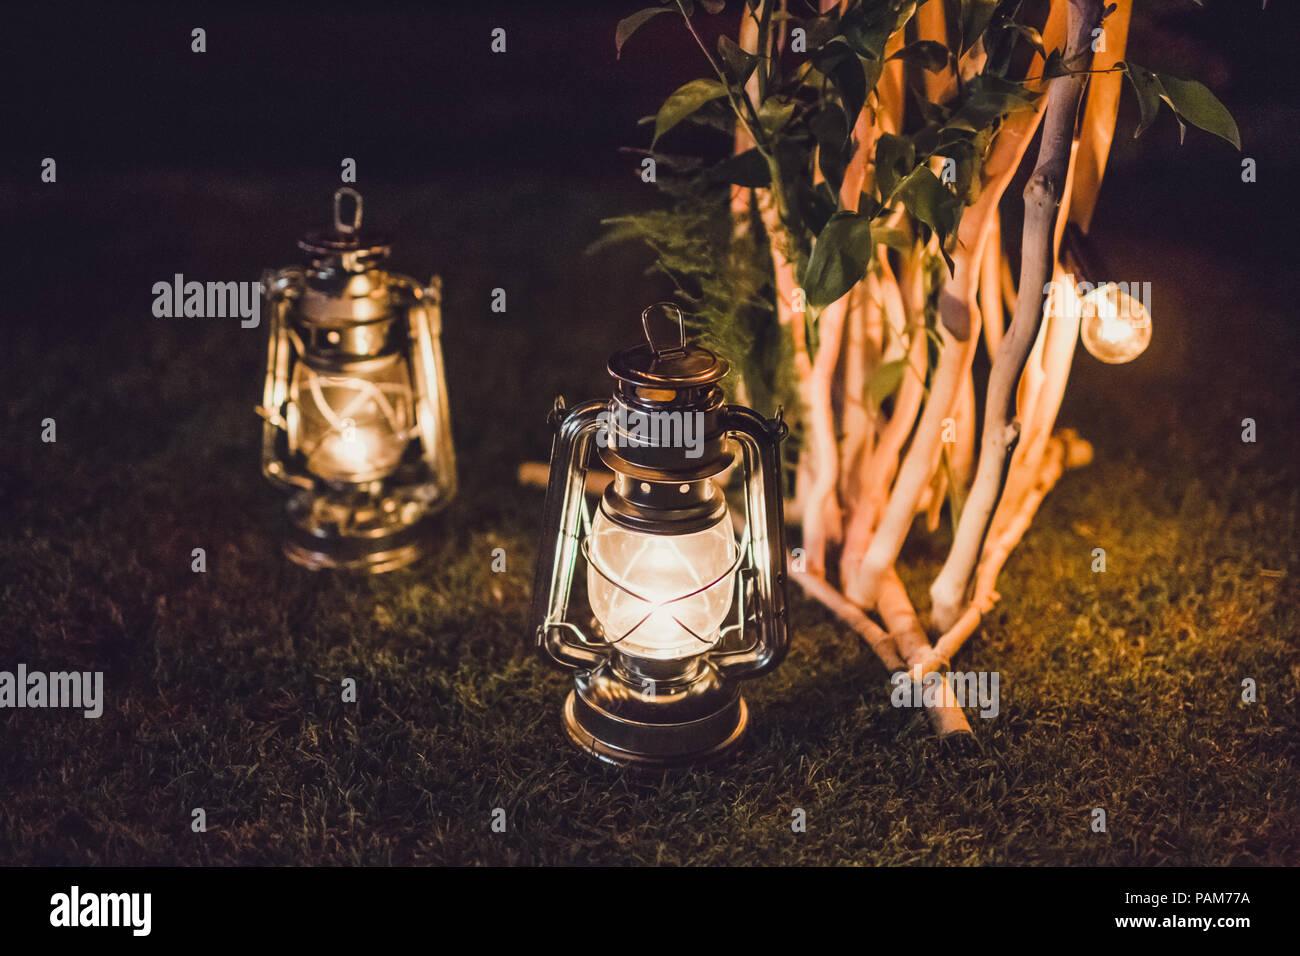 Nacht Hochzeit, Holz- bogen auf Party mit alten Vintage Laterne mit Kerze dekoriert Stockbild